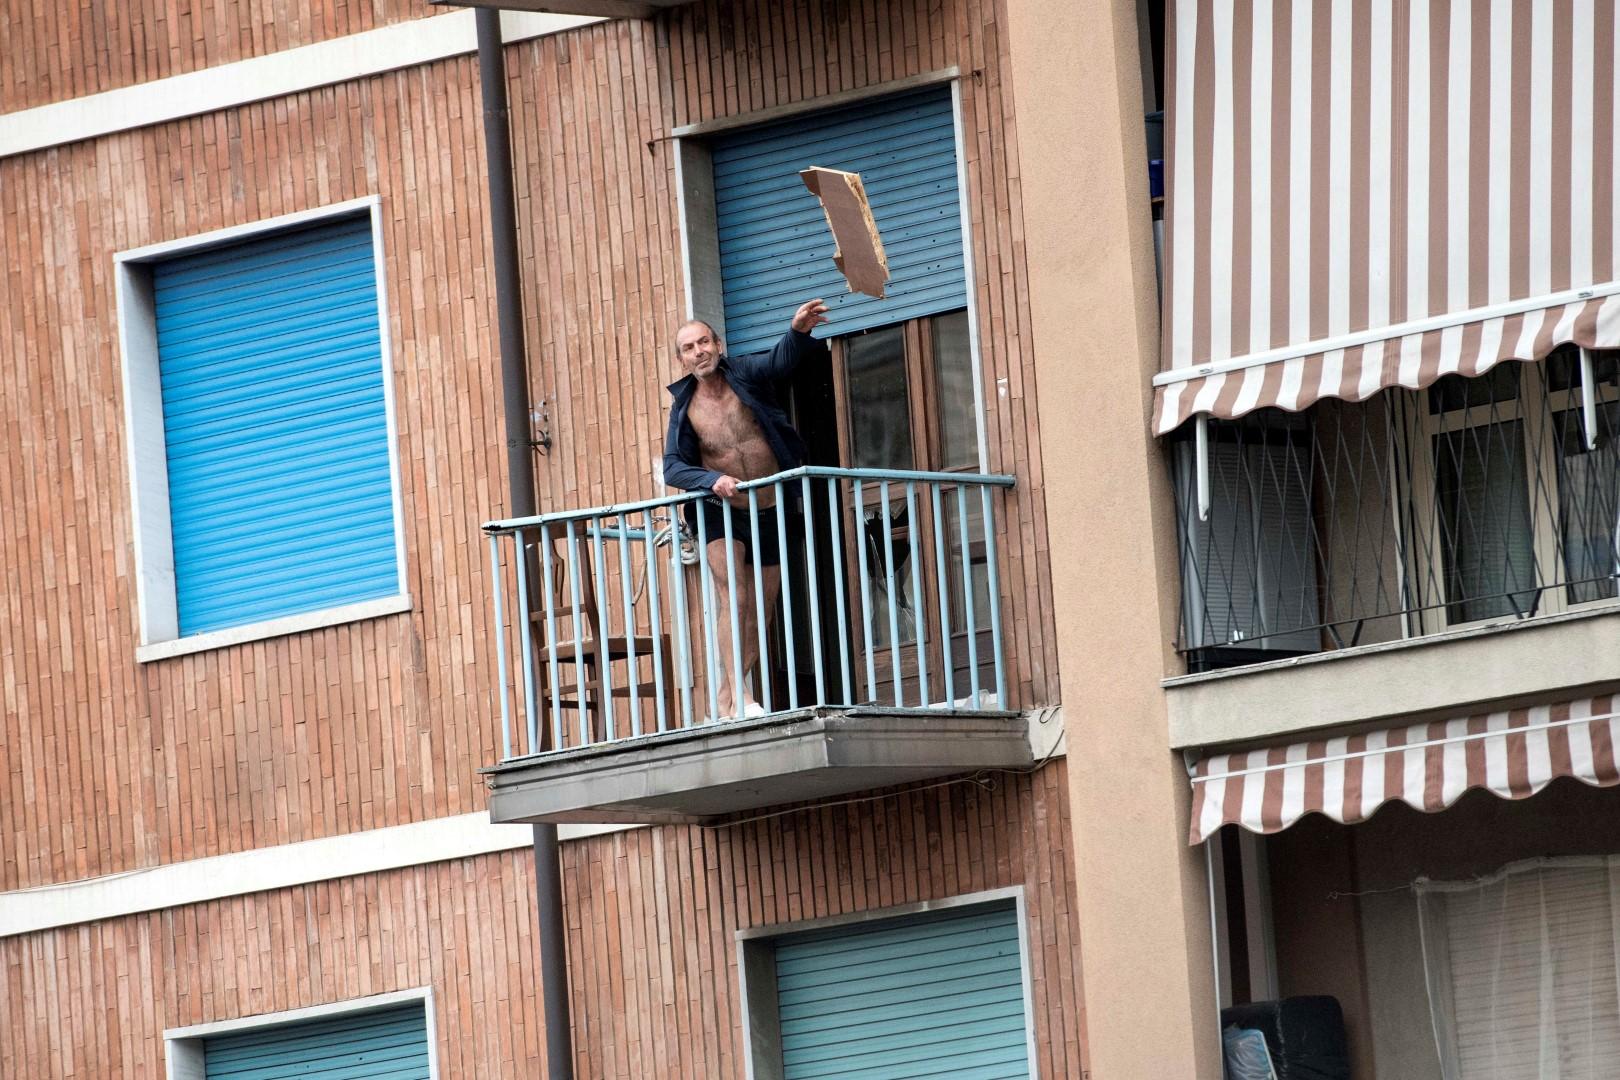 FOTO - Commerciante calabrese si barrica in casae minaccia il suicidio in una borgata di Torino